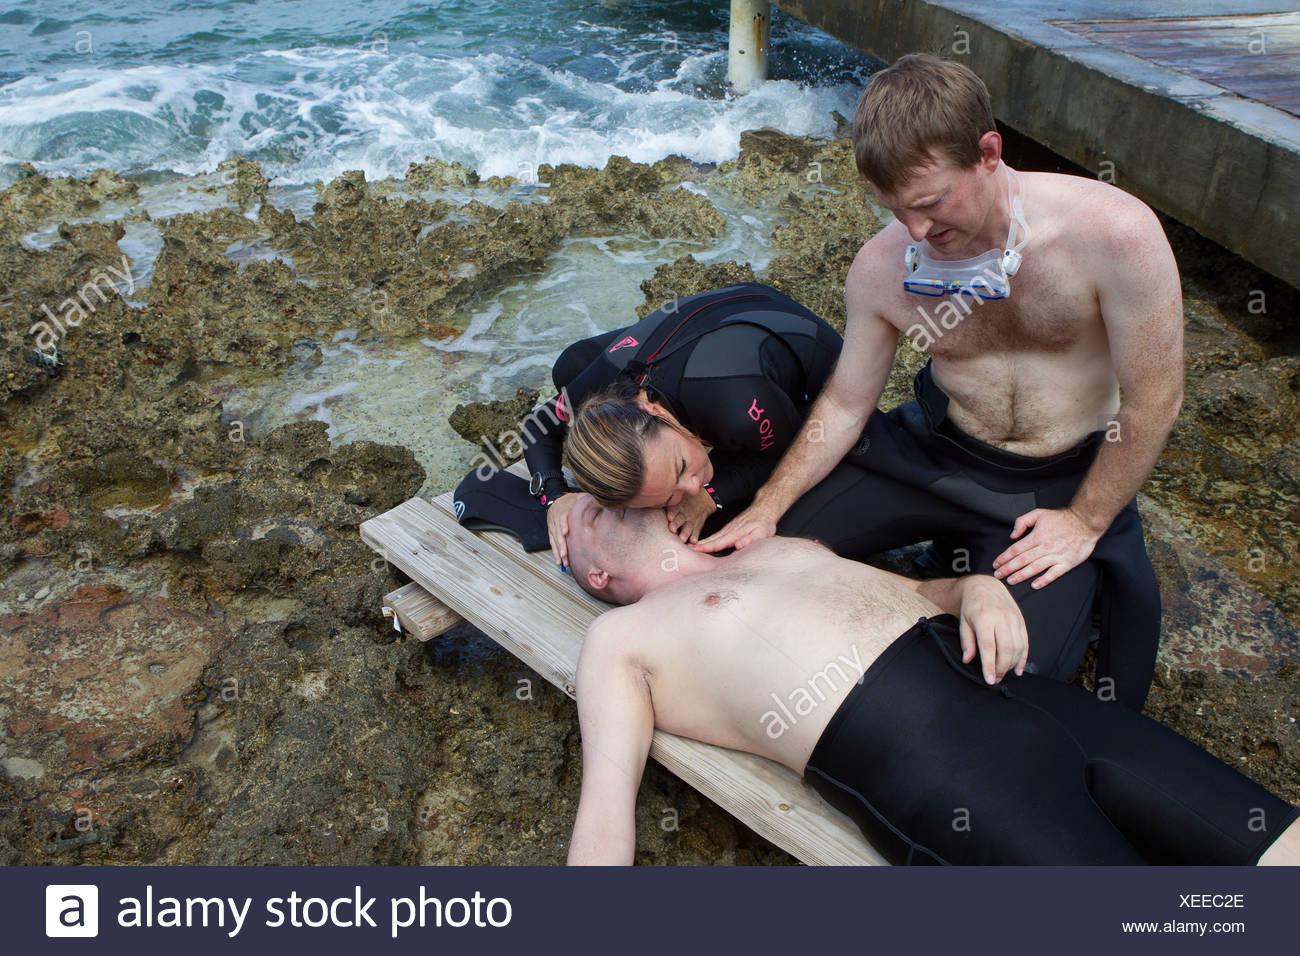 Evaluación de la víctima de accidente de buceo Imagen De Stock